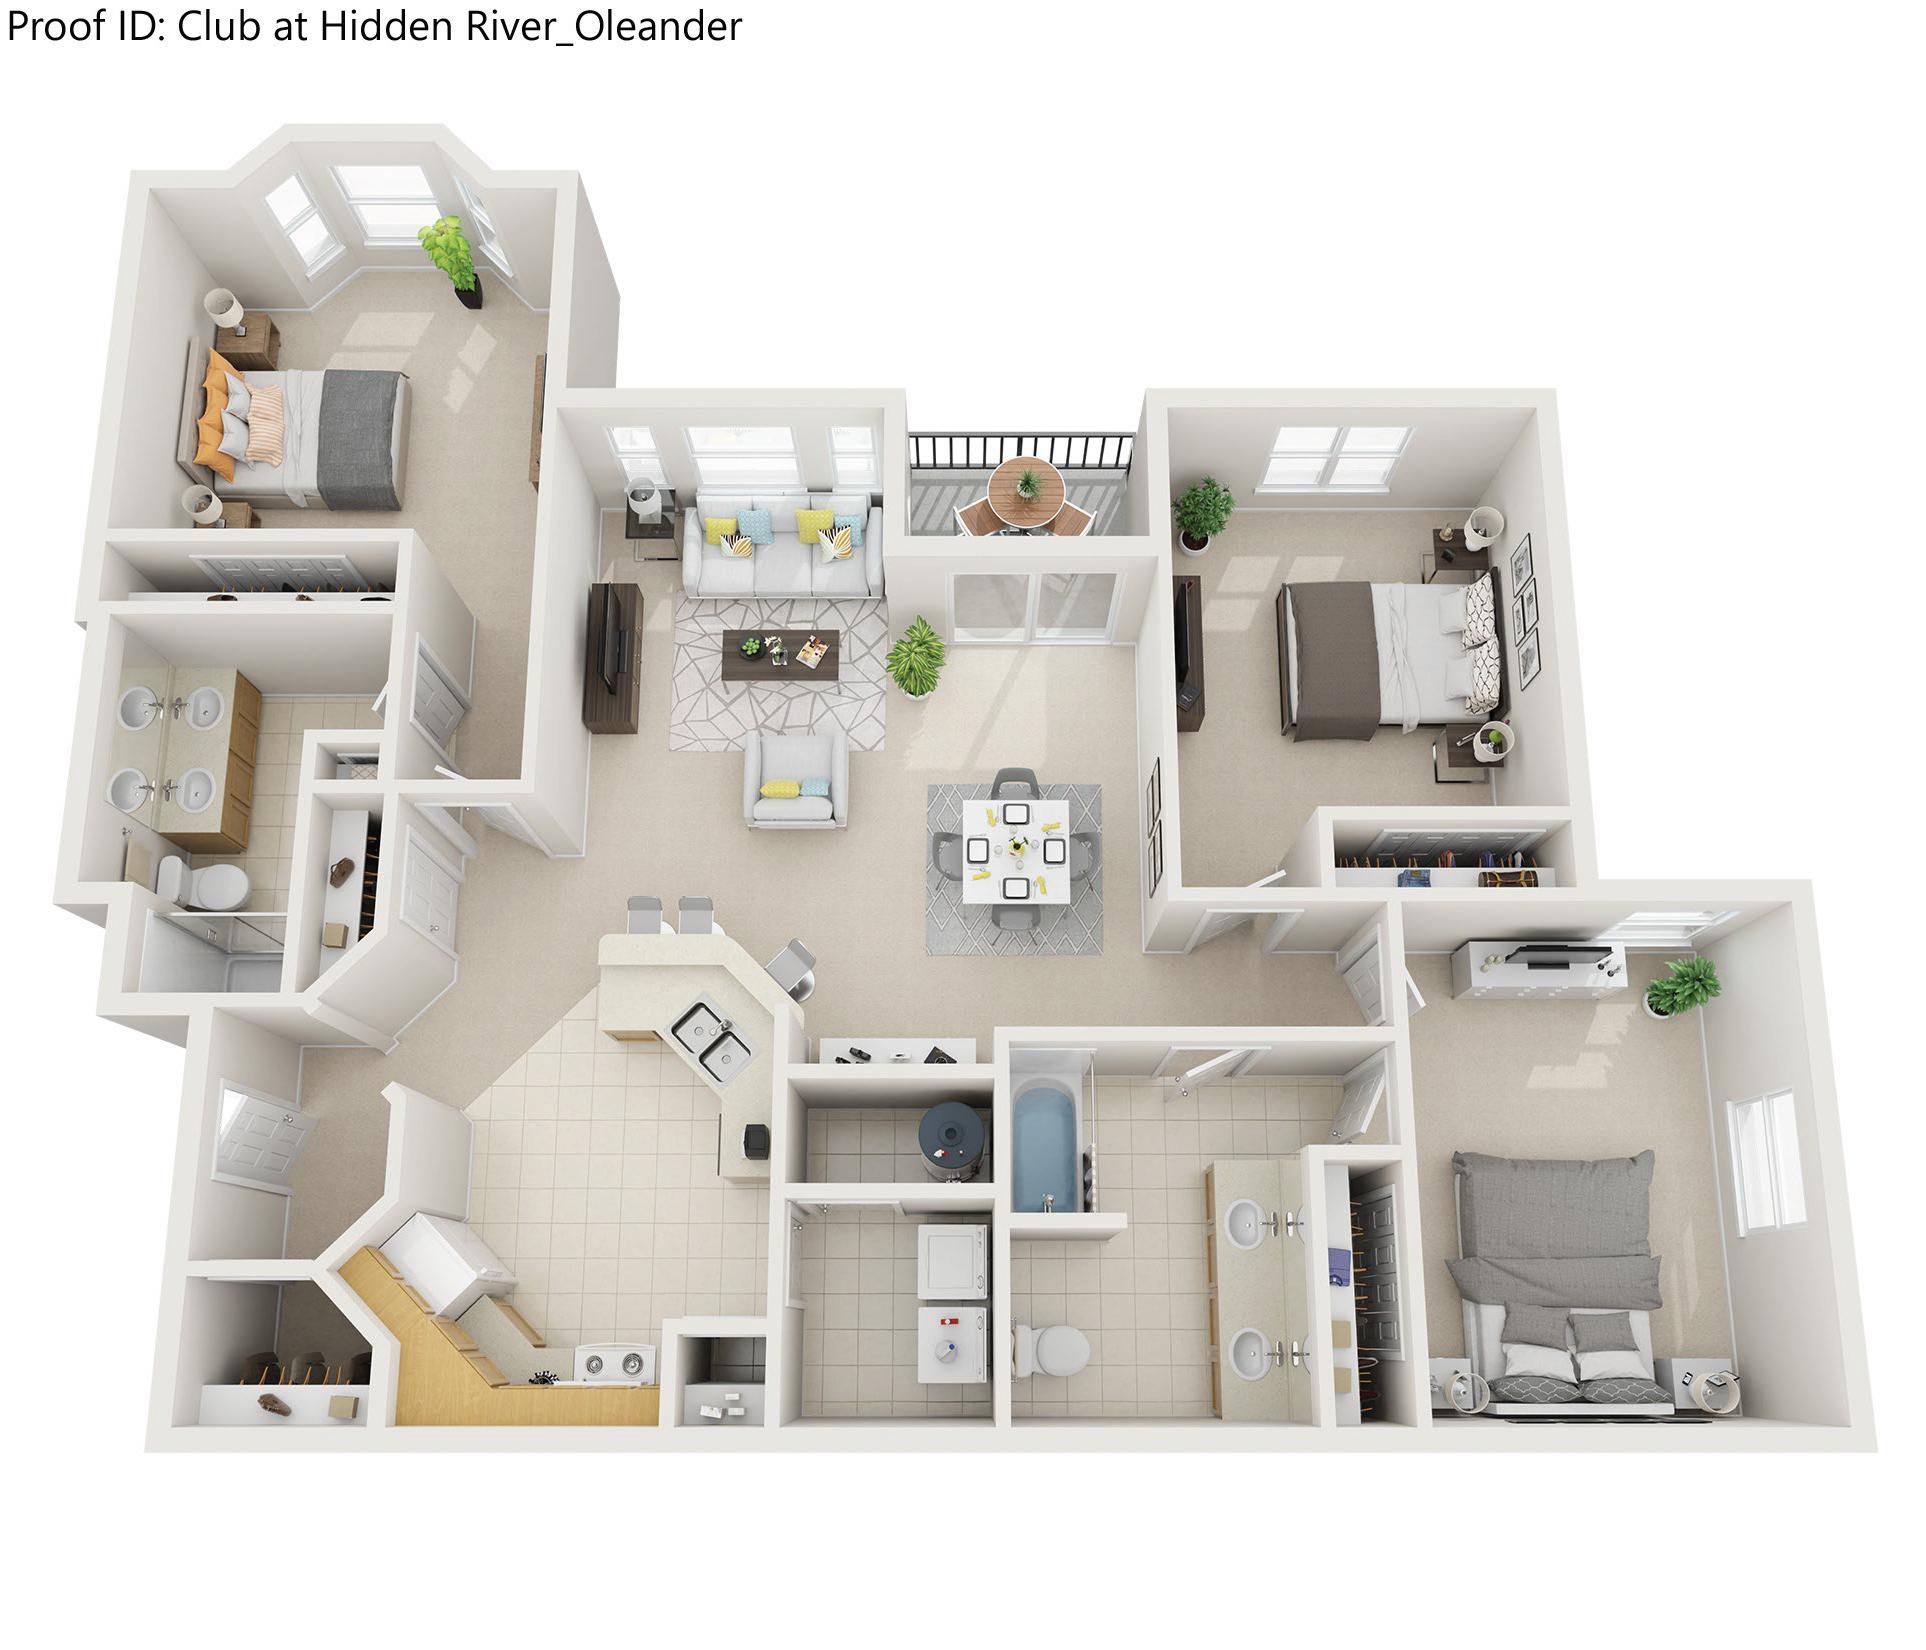 Floor plan image of Oleander